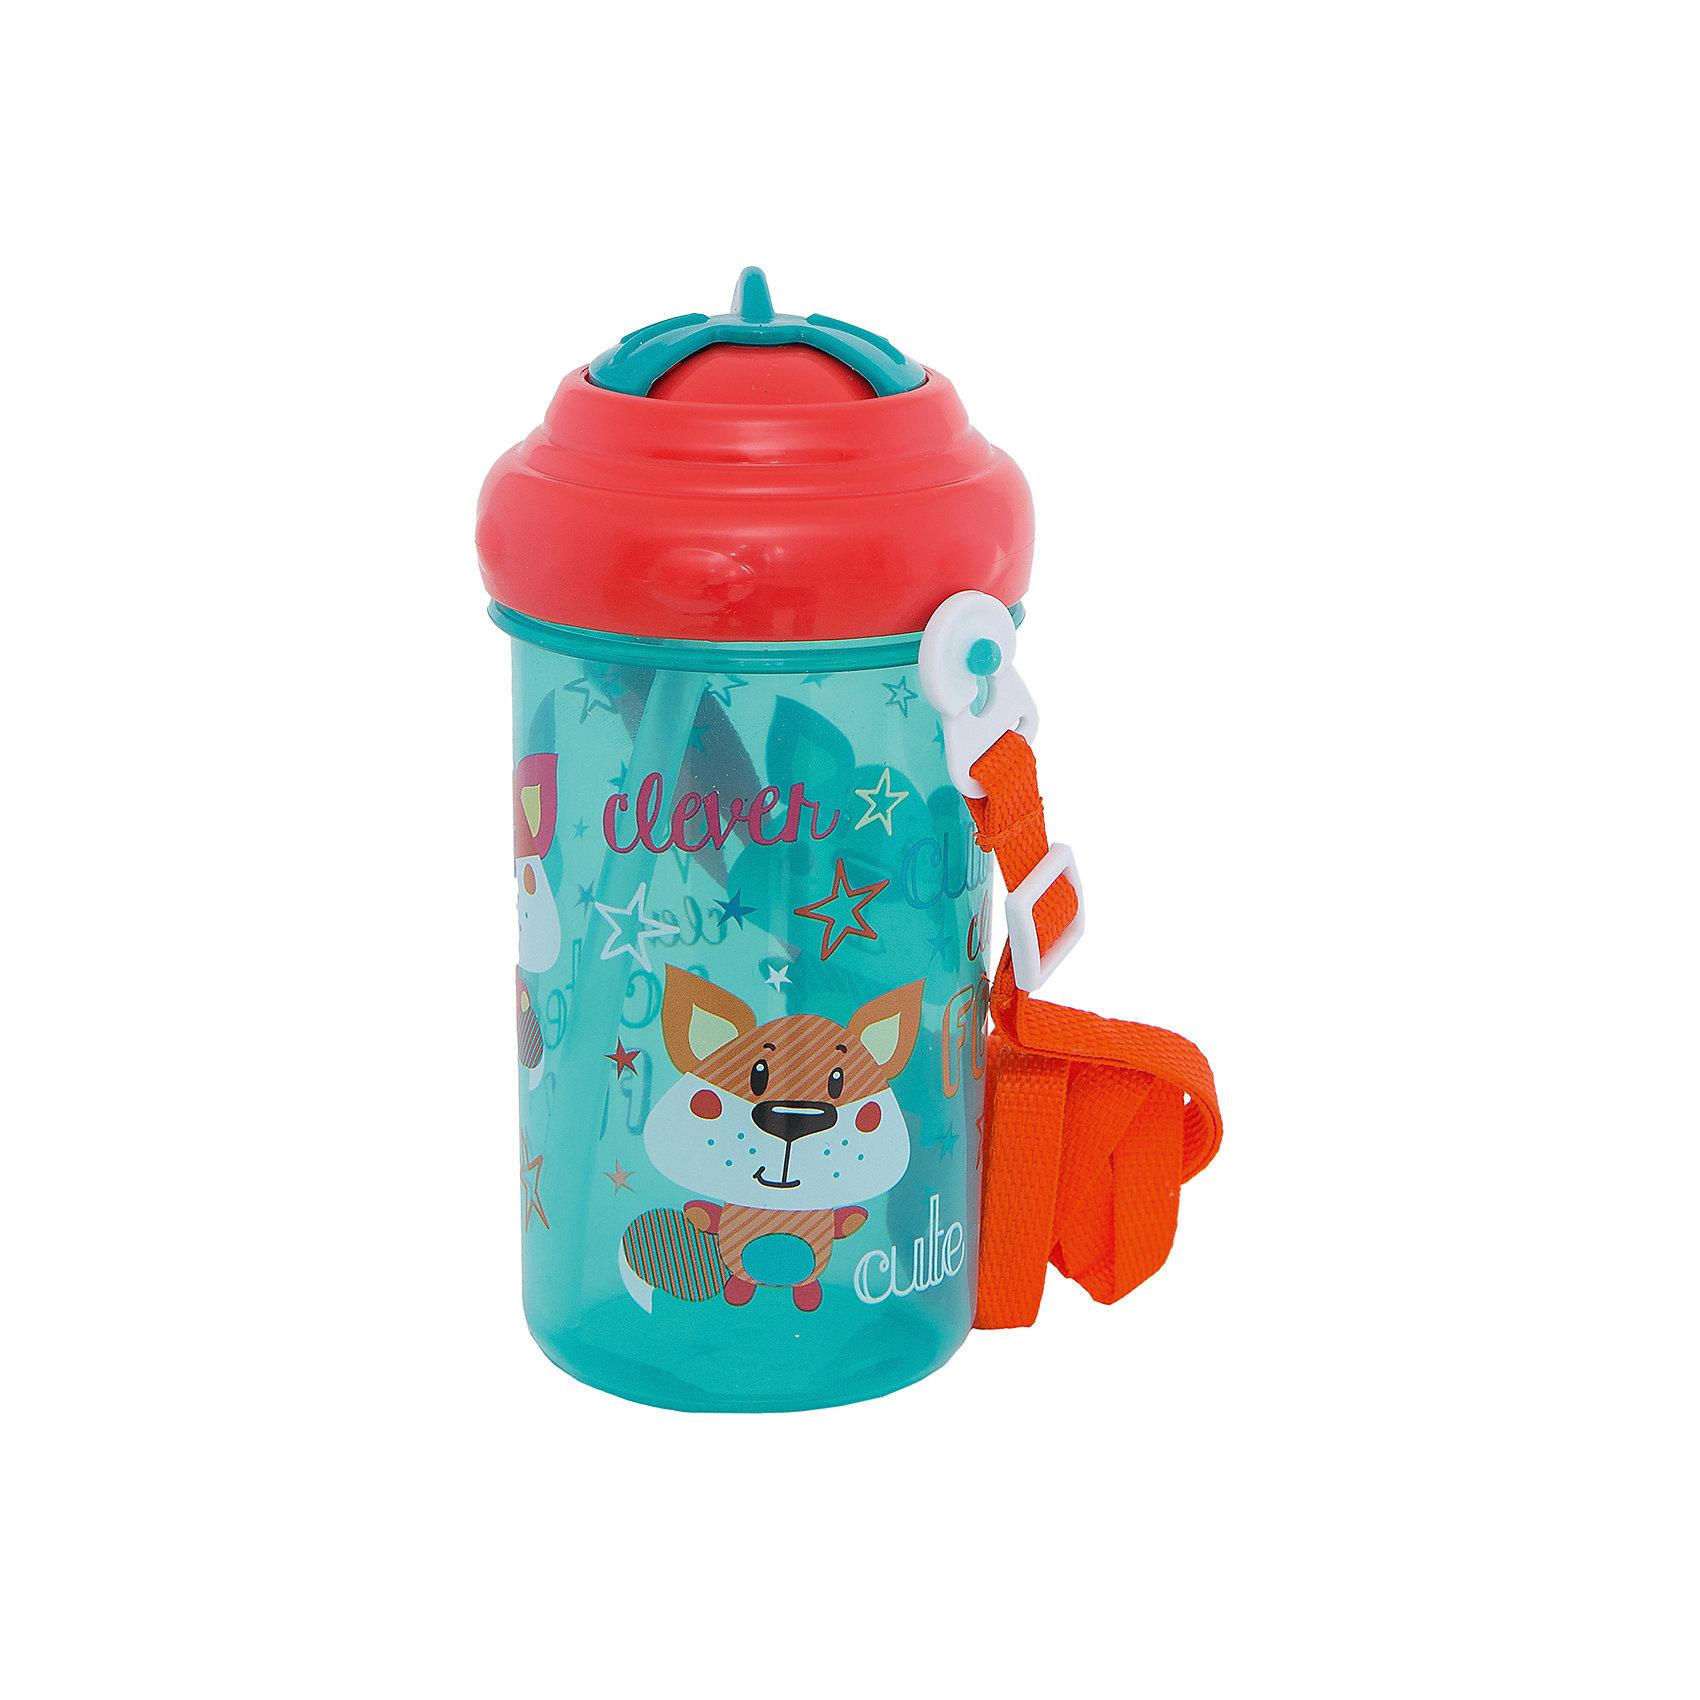 Canpol Babies Поильник спортивный с крышкой и трубочкой, 400 мл. 12+ Vehicles, Canpol Babies, зеленый pigeon чашка поильник mag mag с трубочкой зеленый с 8 мес 200 мл